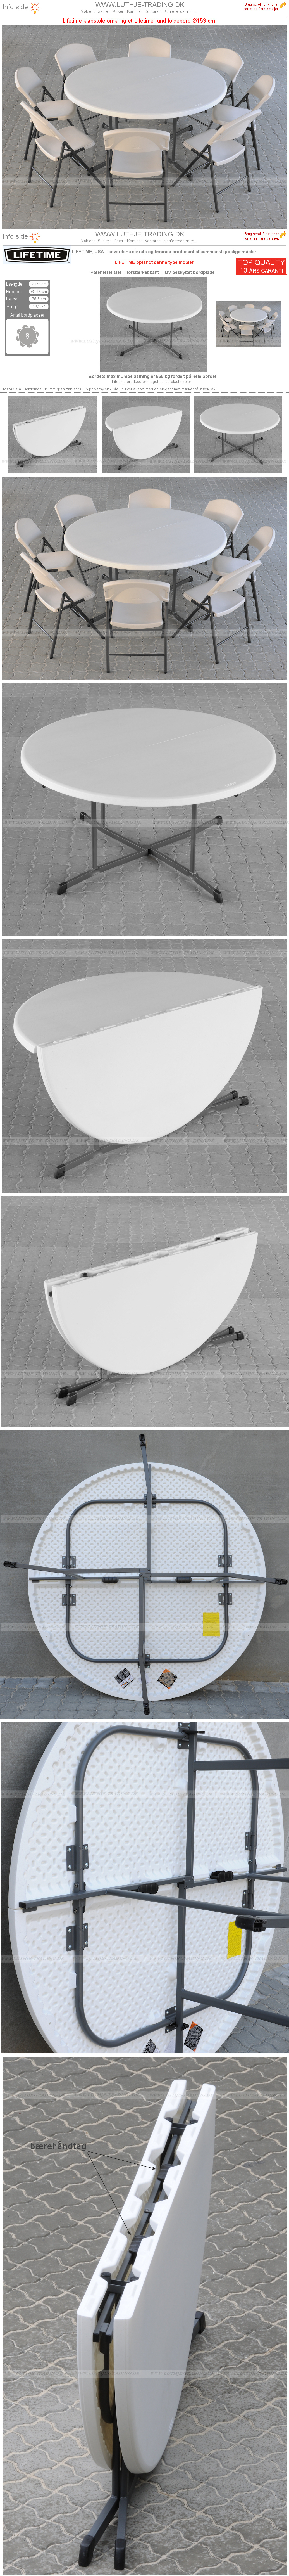 Rundt bord opstilling med Lifetime Ø153 cm fold in half og klapstole